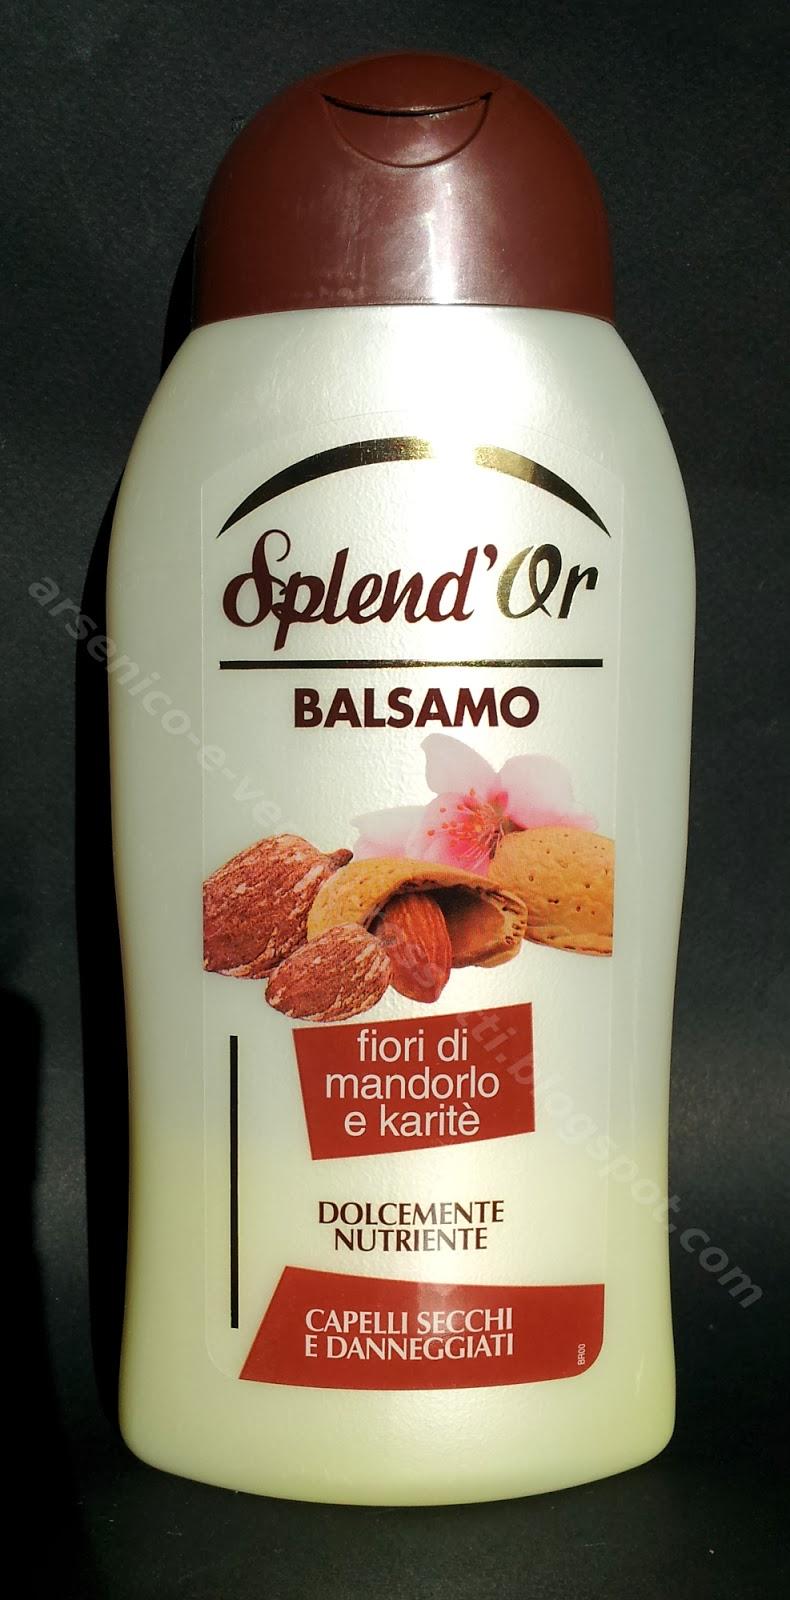 Splend'Or Balsamo Fiori di Mandorlo e Karité